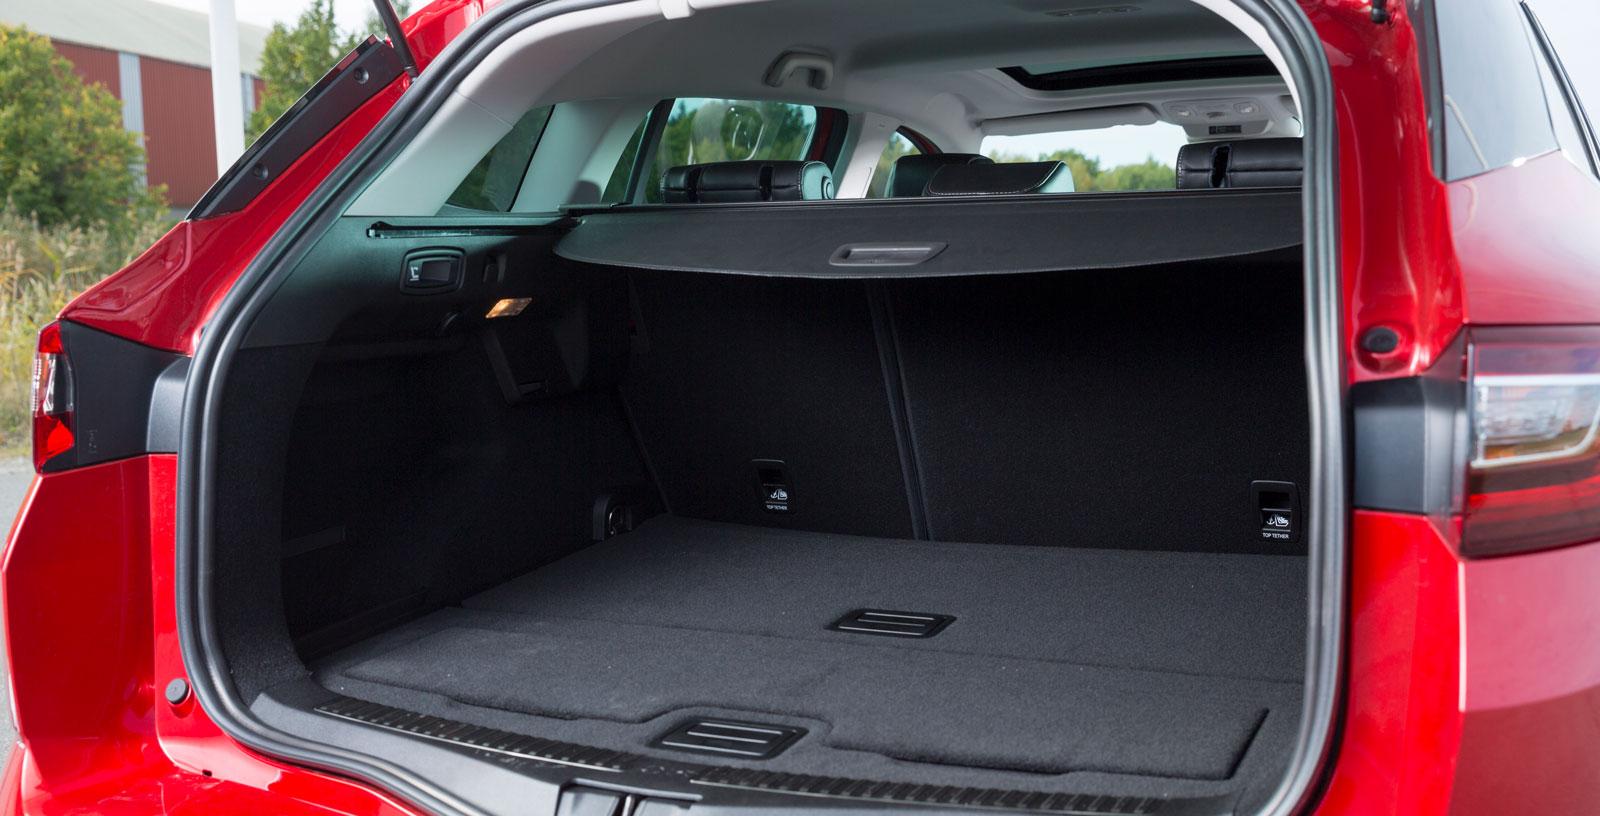 Låg lasttröskel till Meganes bagageutrymme – ett klart plus. Bra bredd bakom hjulhusen men totalvolymen mätt i läskbrackar är sämst i testet. Fjärrfällning av ryggstöden. Luckan närmast kameran döljer en lasthållare vars praktiska värde vi inte riktigt begriper. Lätthanterligt insynsskydd.